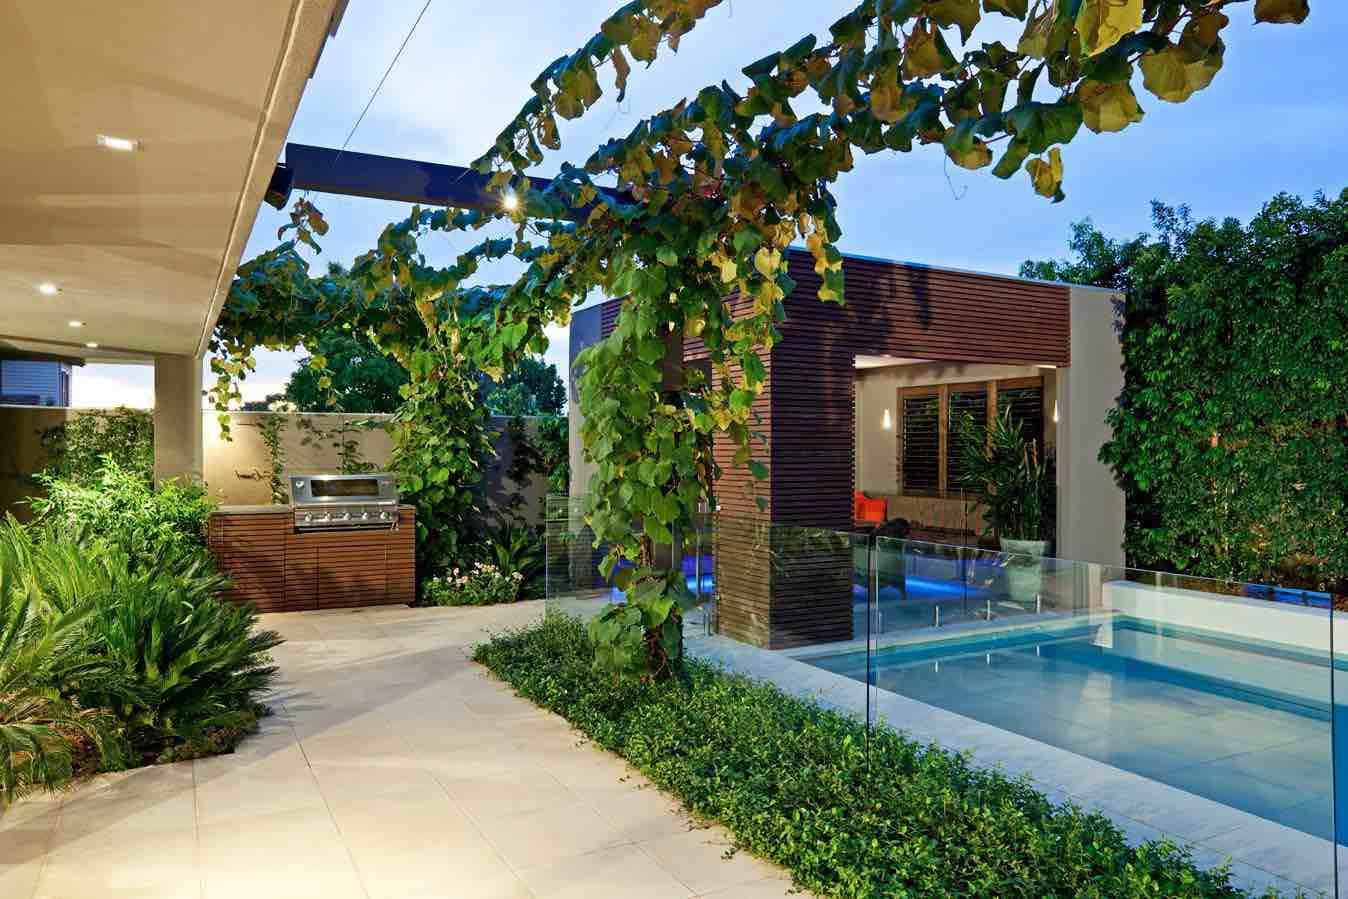 Adorable Small Backyard Home Design Idea Backyard Design Ideas Small Yards Worthminer Backyard Ideas Images outdoor Backyard Ideas Images